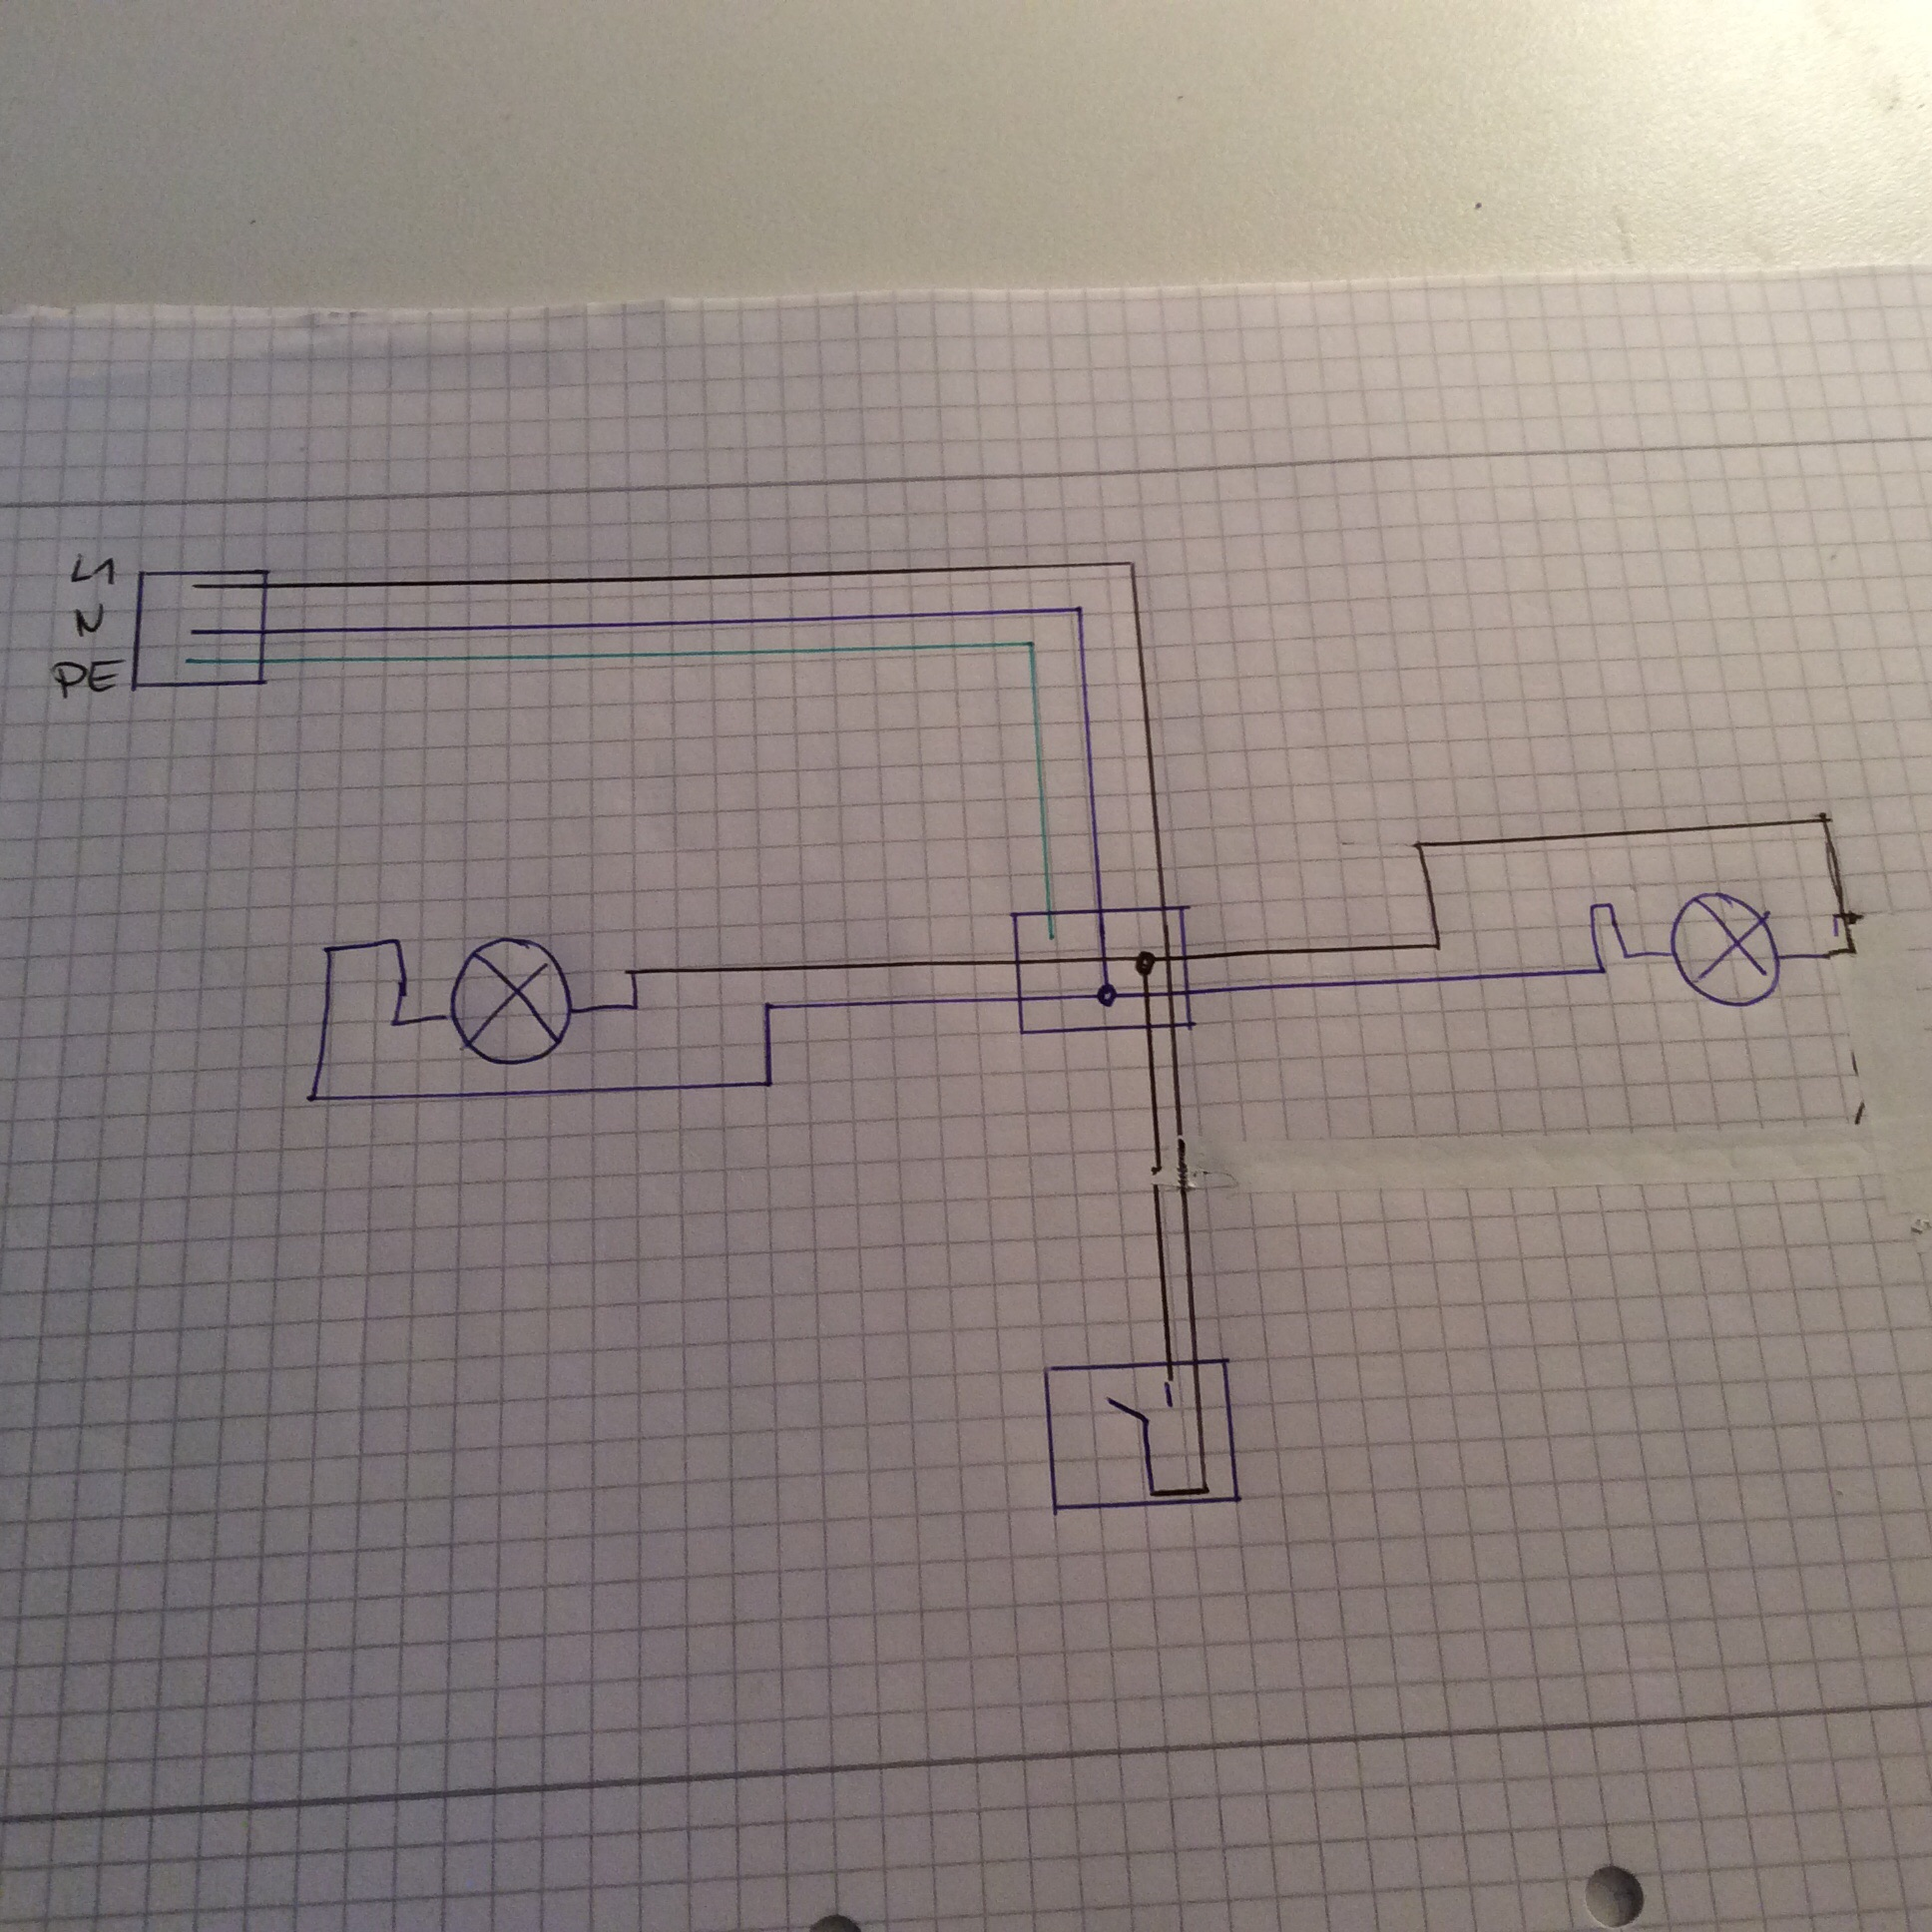 Fein Zwei Und Zwei Schalter Schaltplan Für Lichter Zeitgenössisch ...